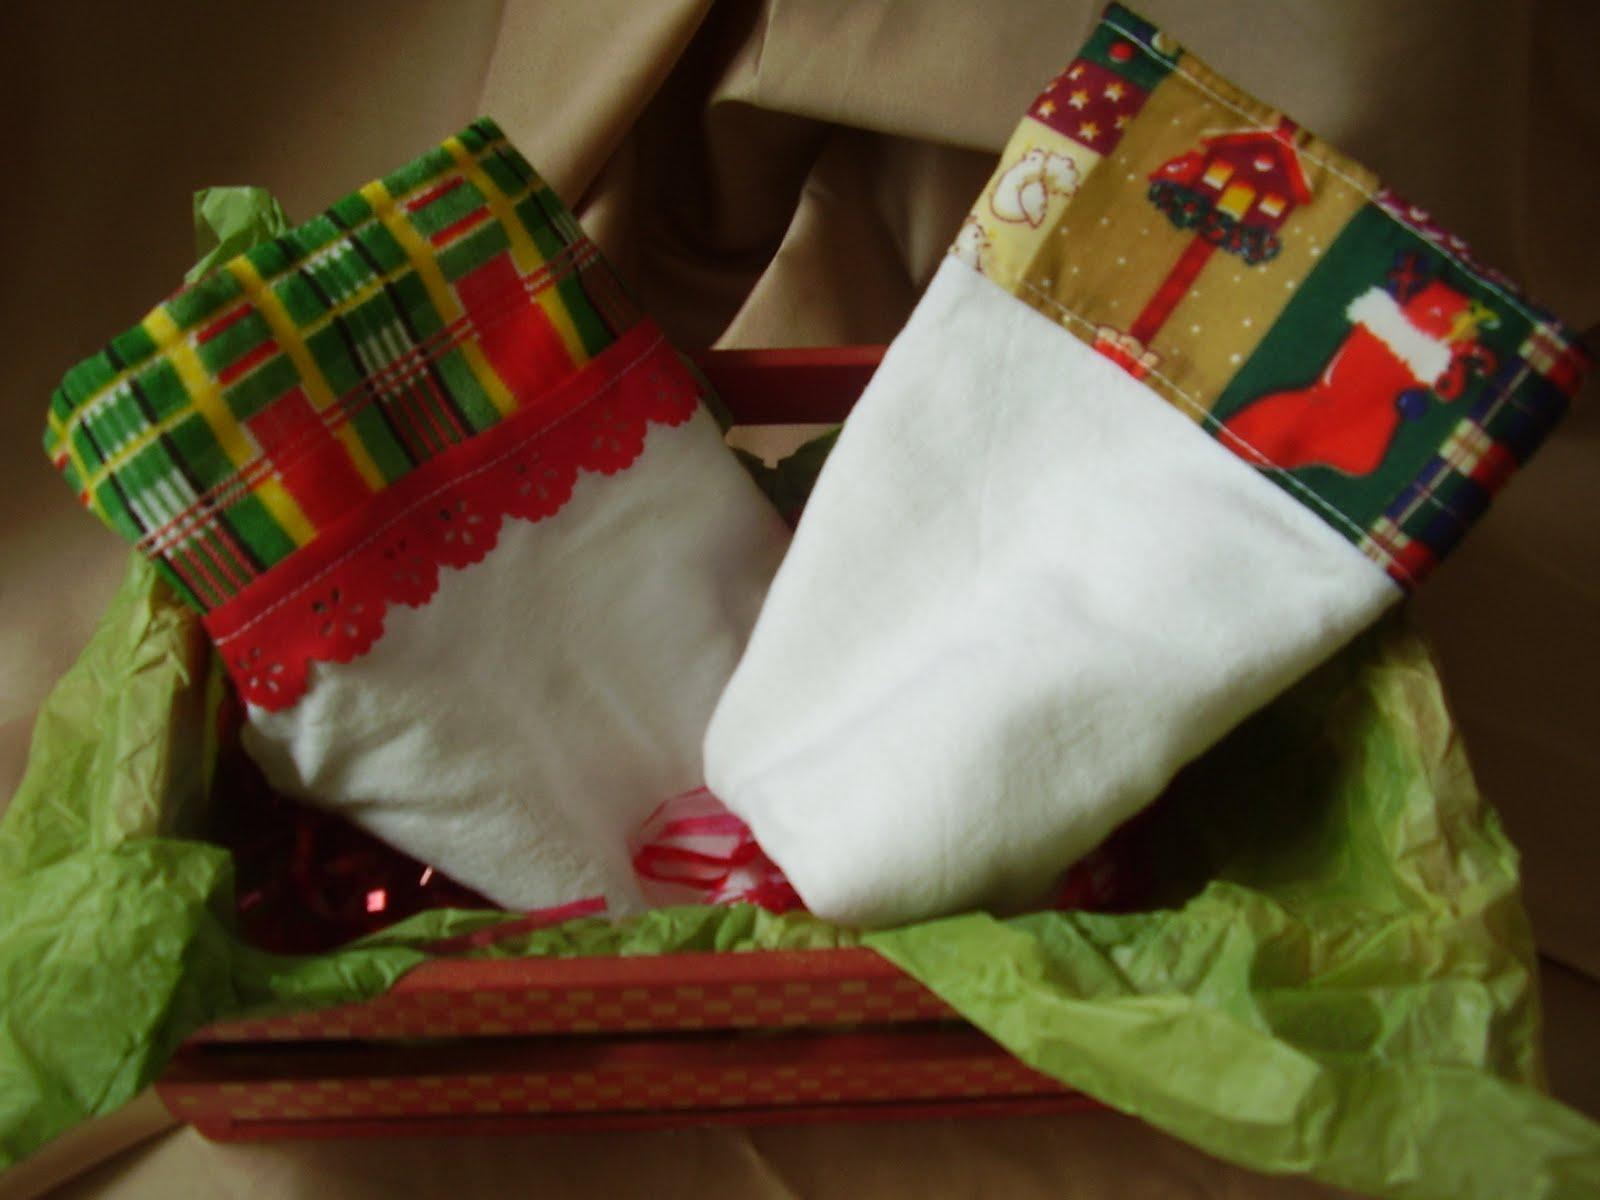 Panos de copa motivos natalinos, saco alvejado de 1º linha, com